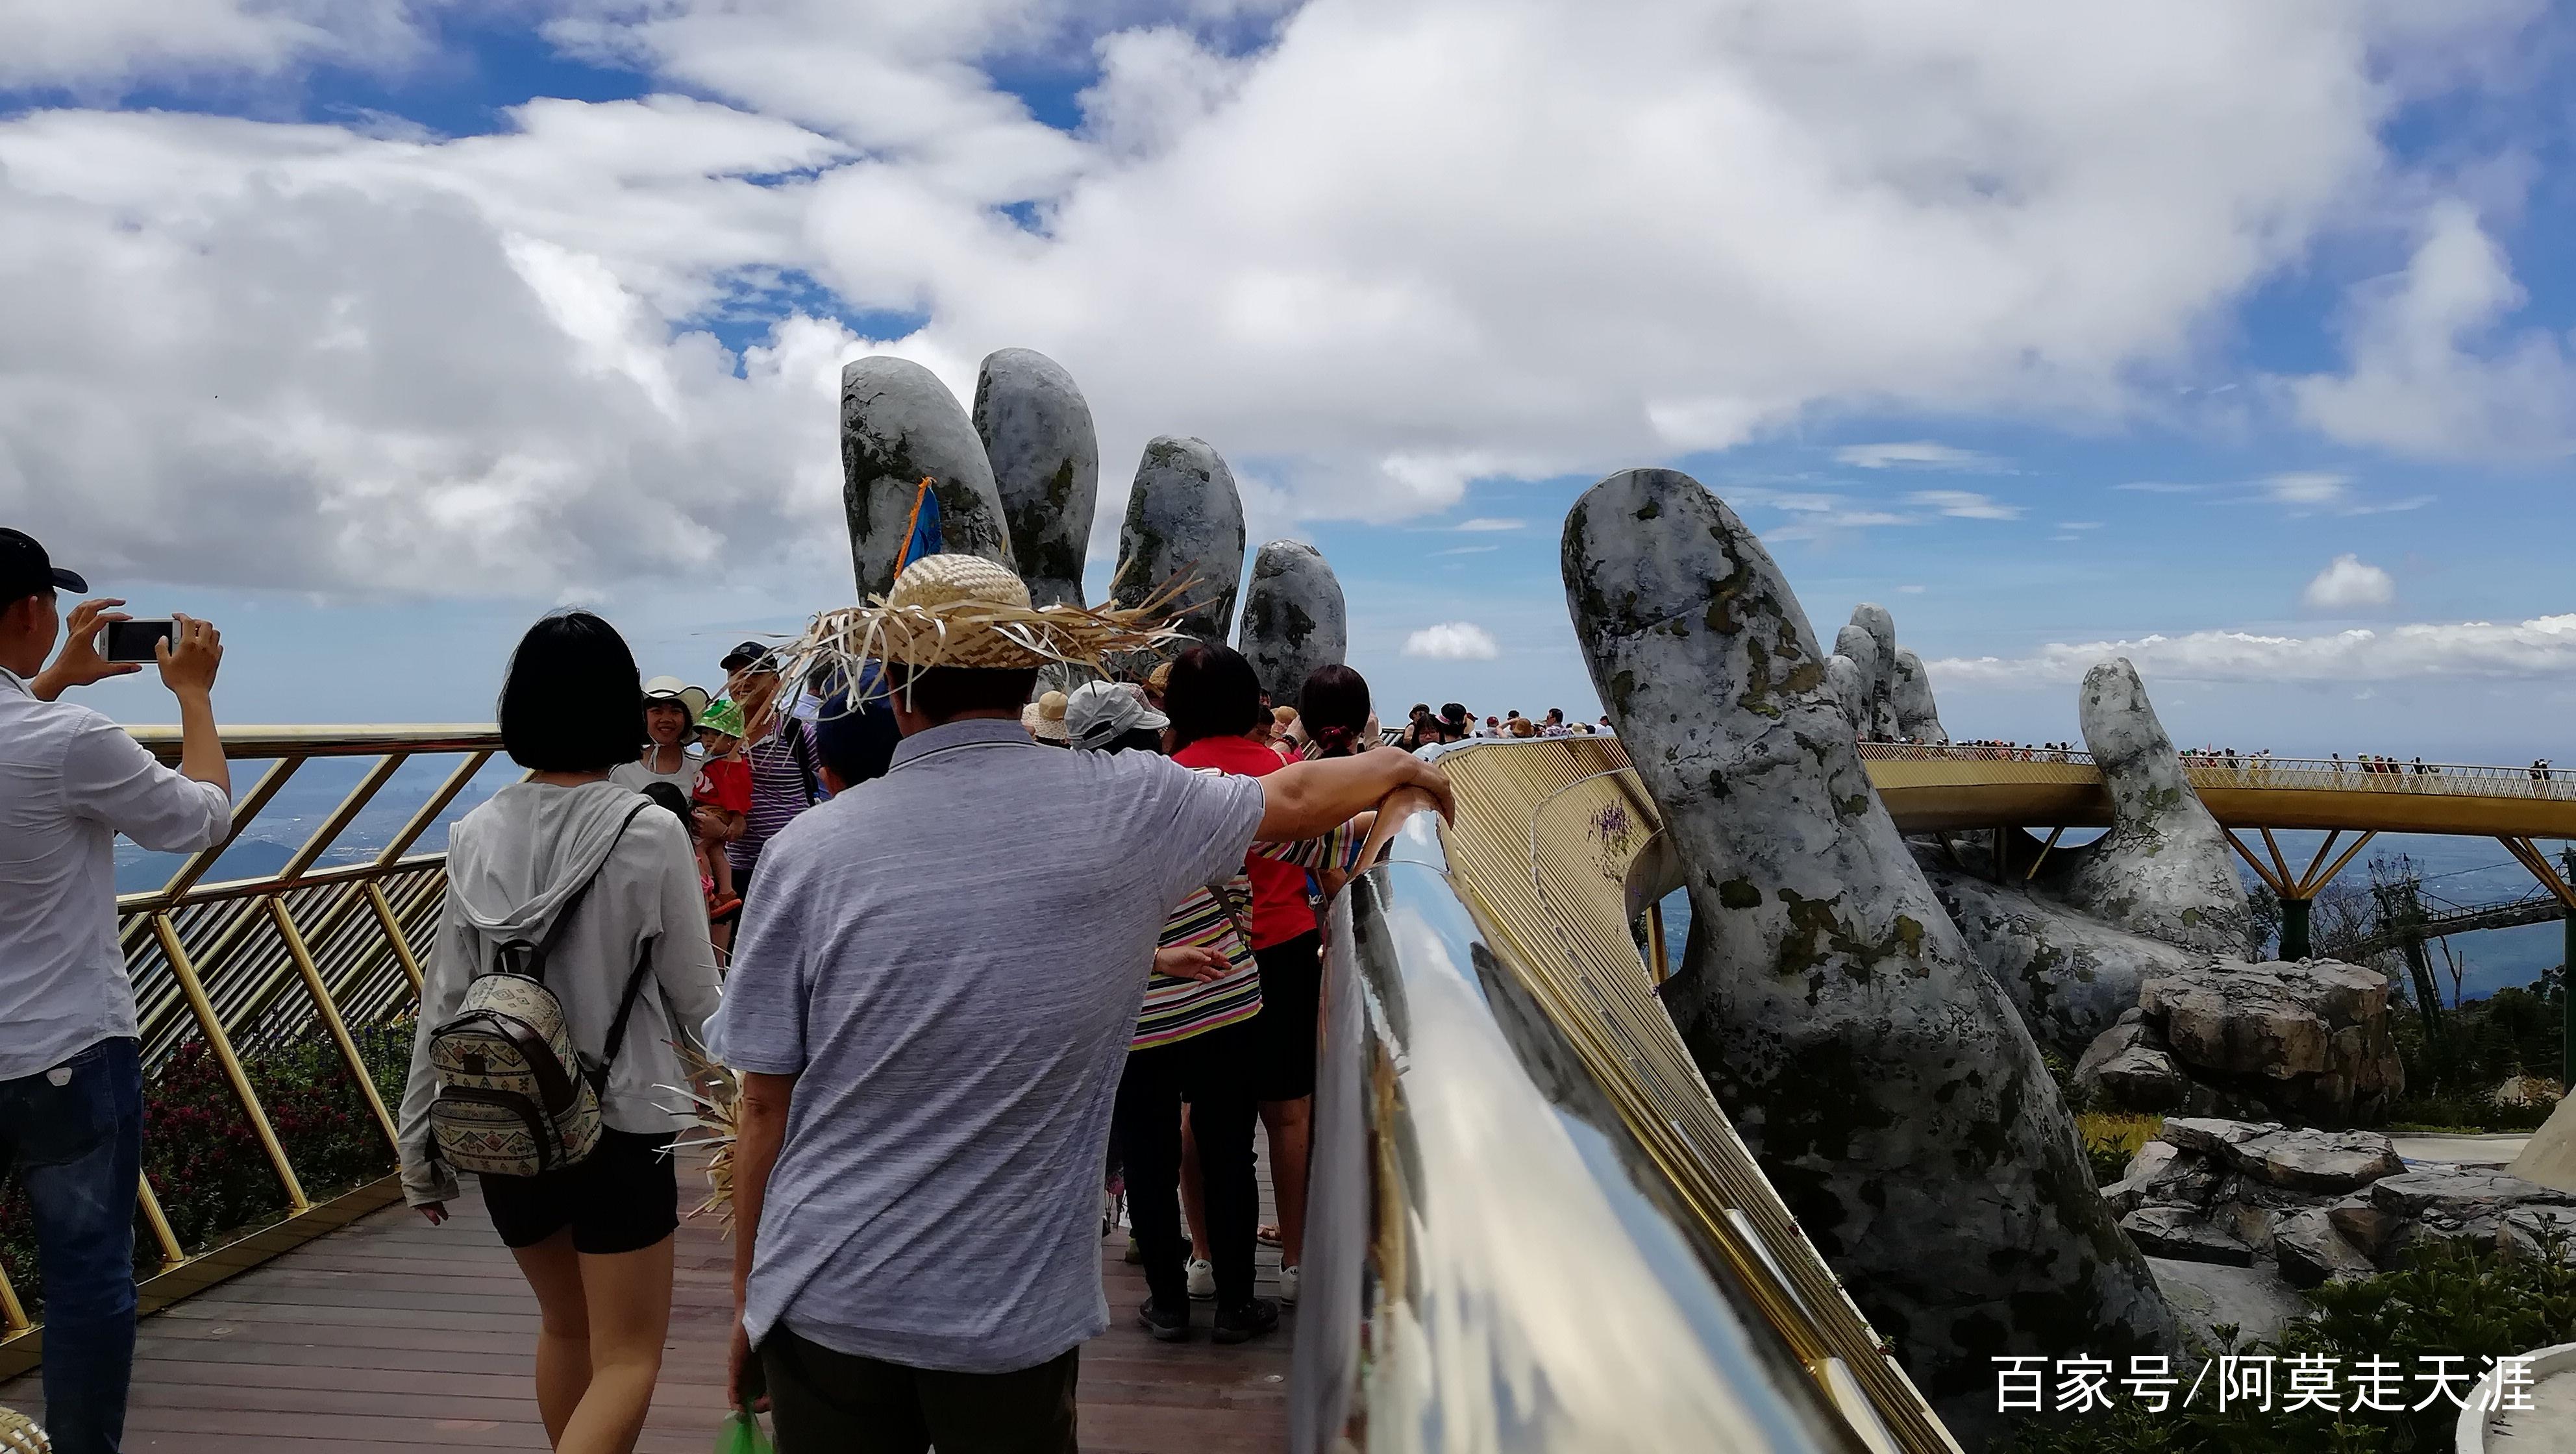 越南全国最贵的景点,岘港巴拿山值得一去!